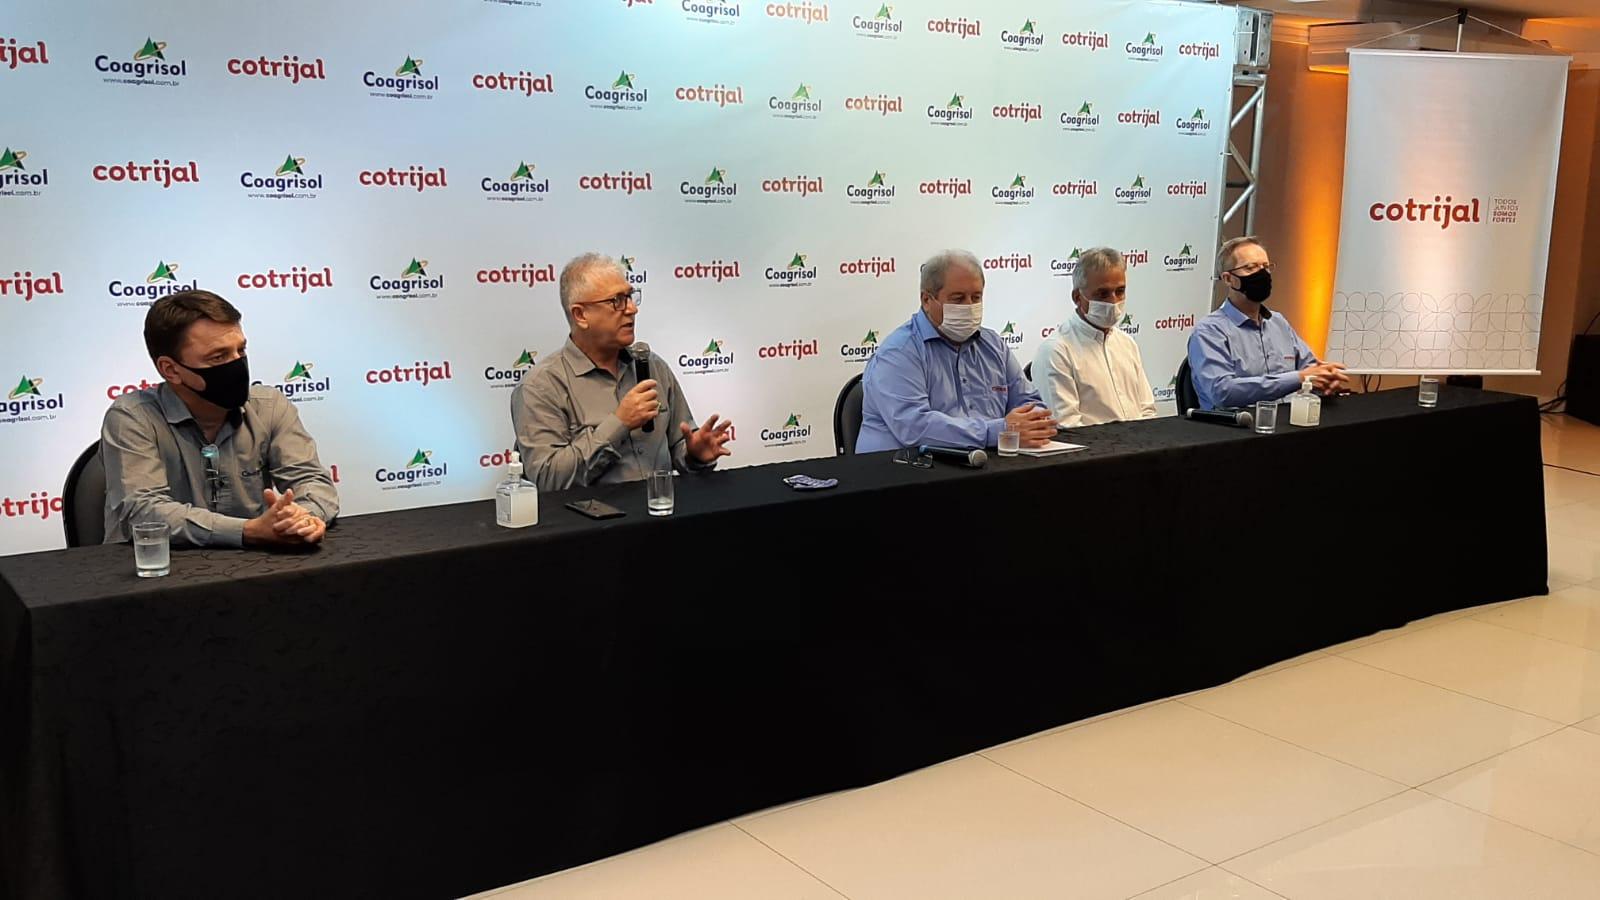 Cotrijal e Coagrisol firmam aliança estratégica de intercooperação